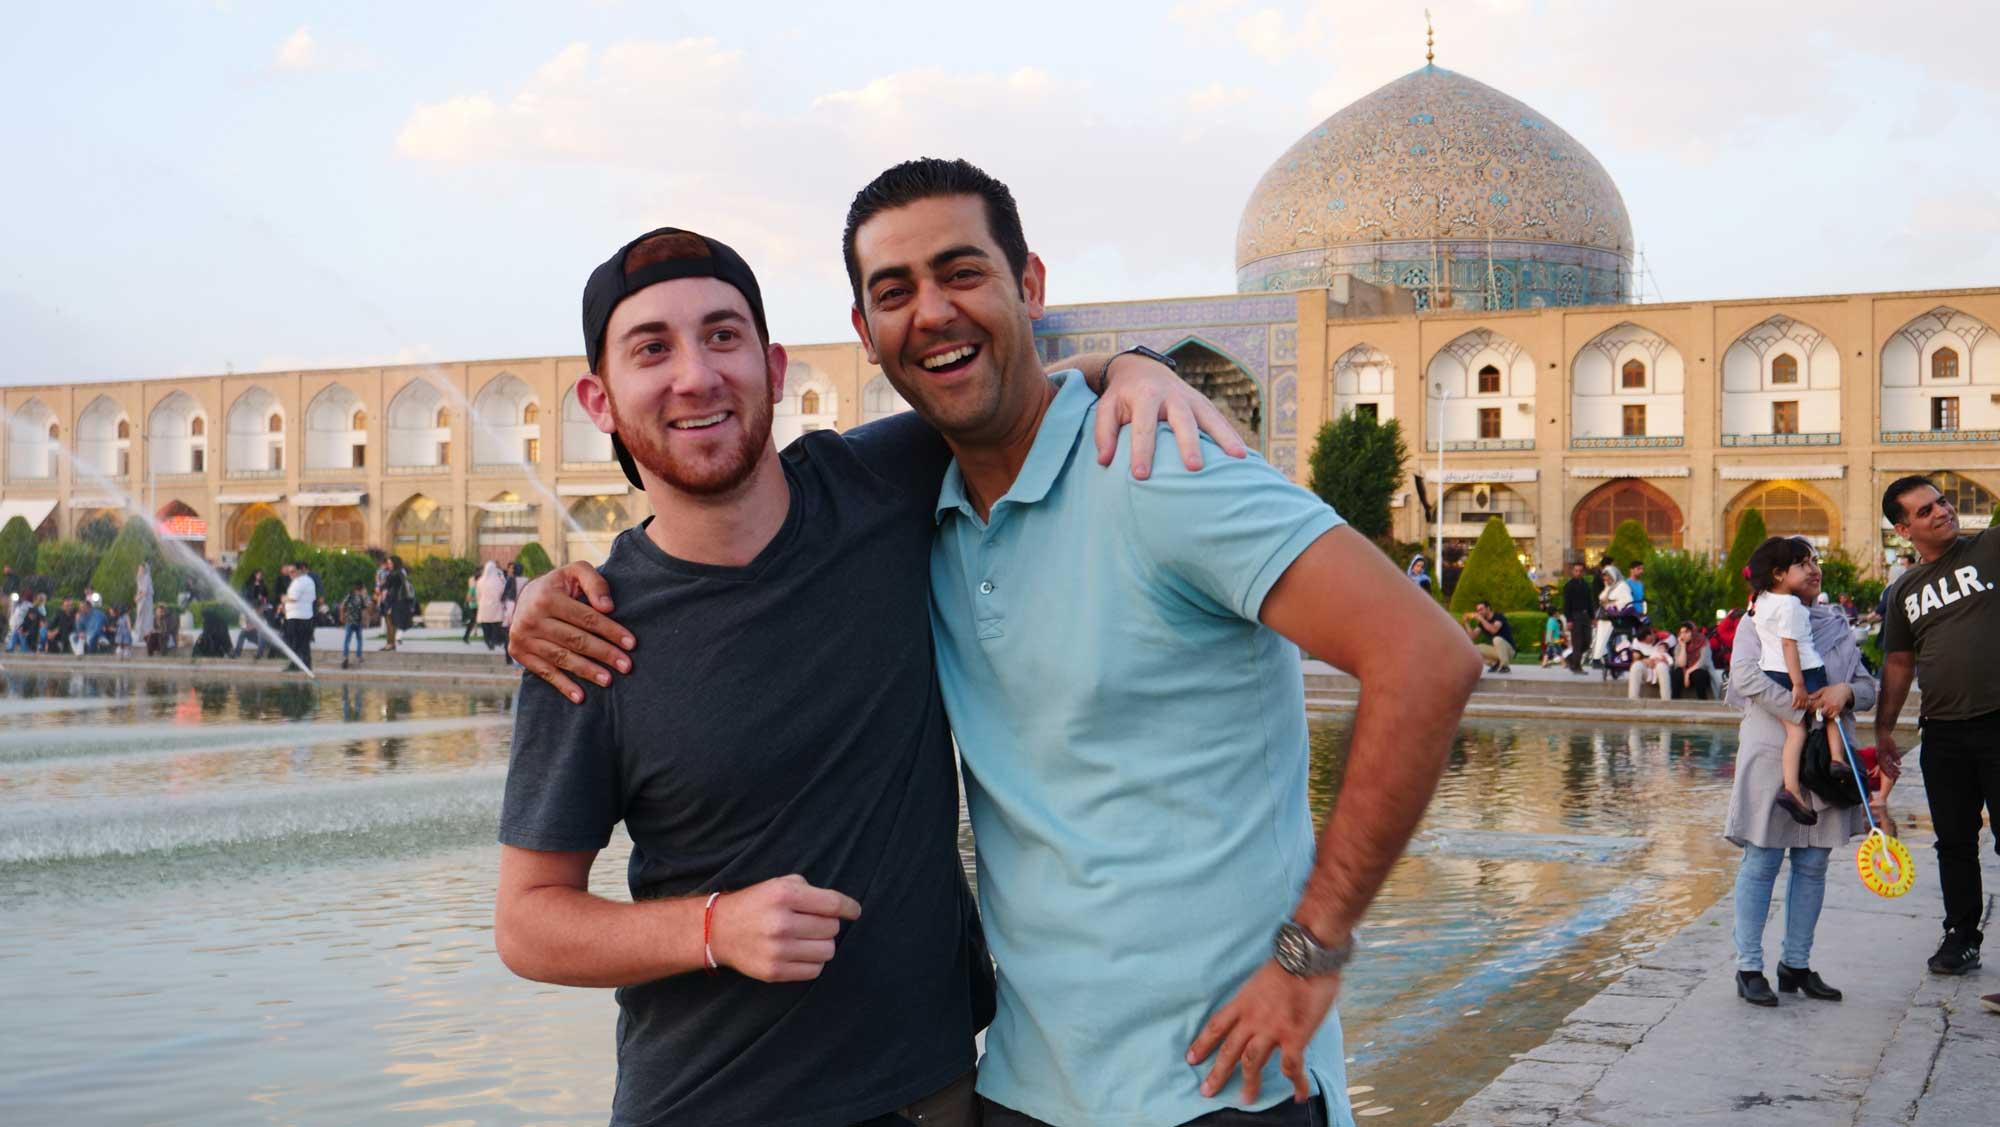 روایت جالب یک یهودی آمریکایی از سفرش به ایران؛